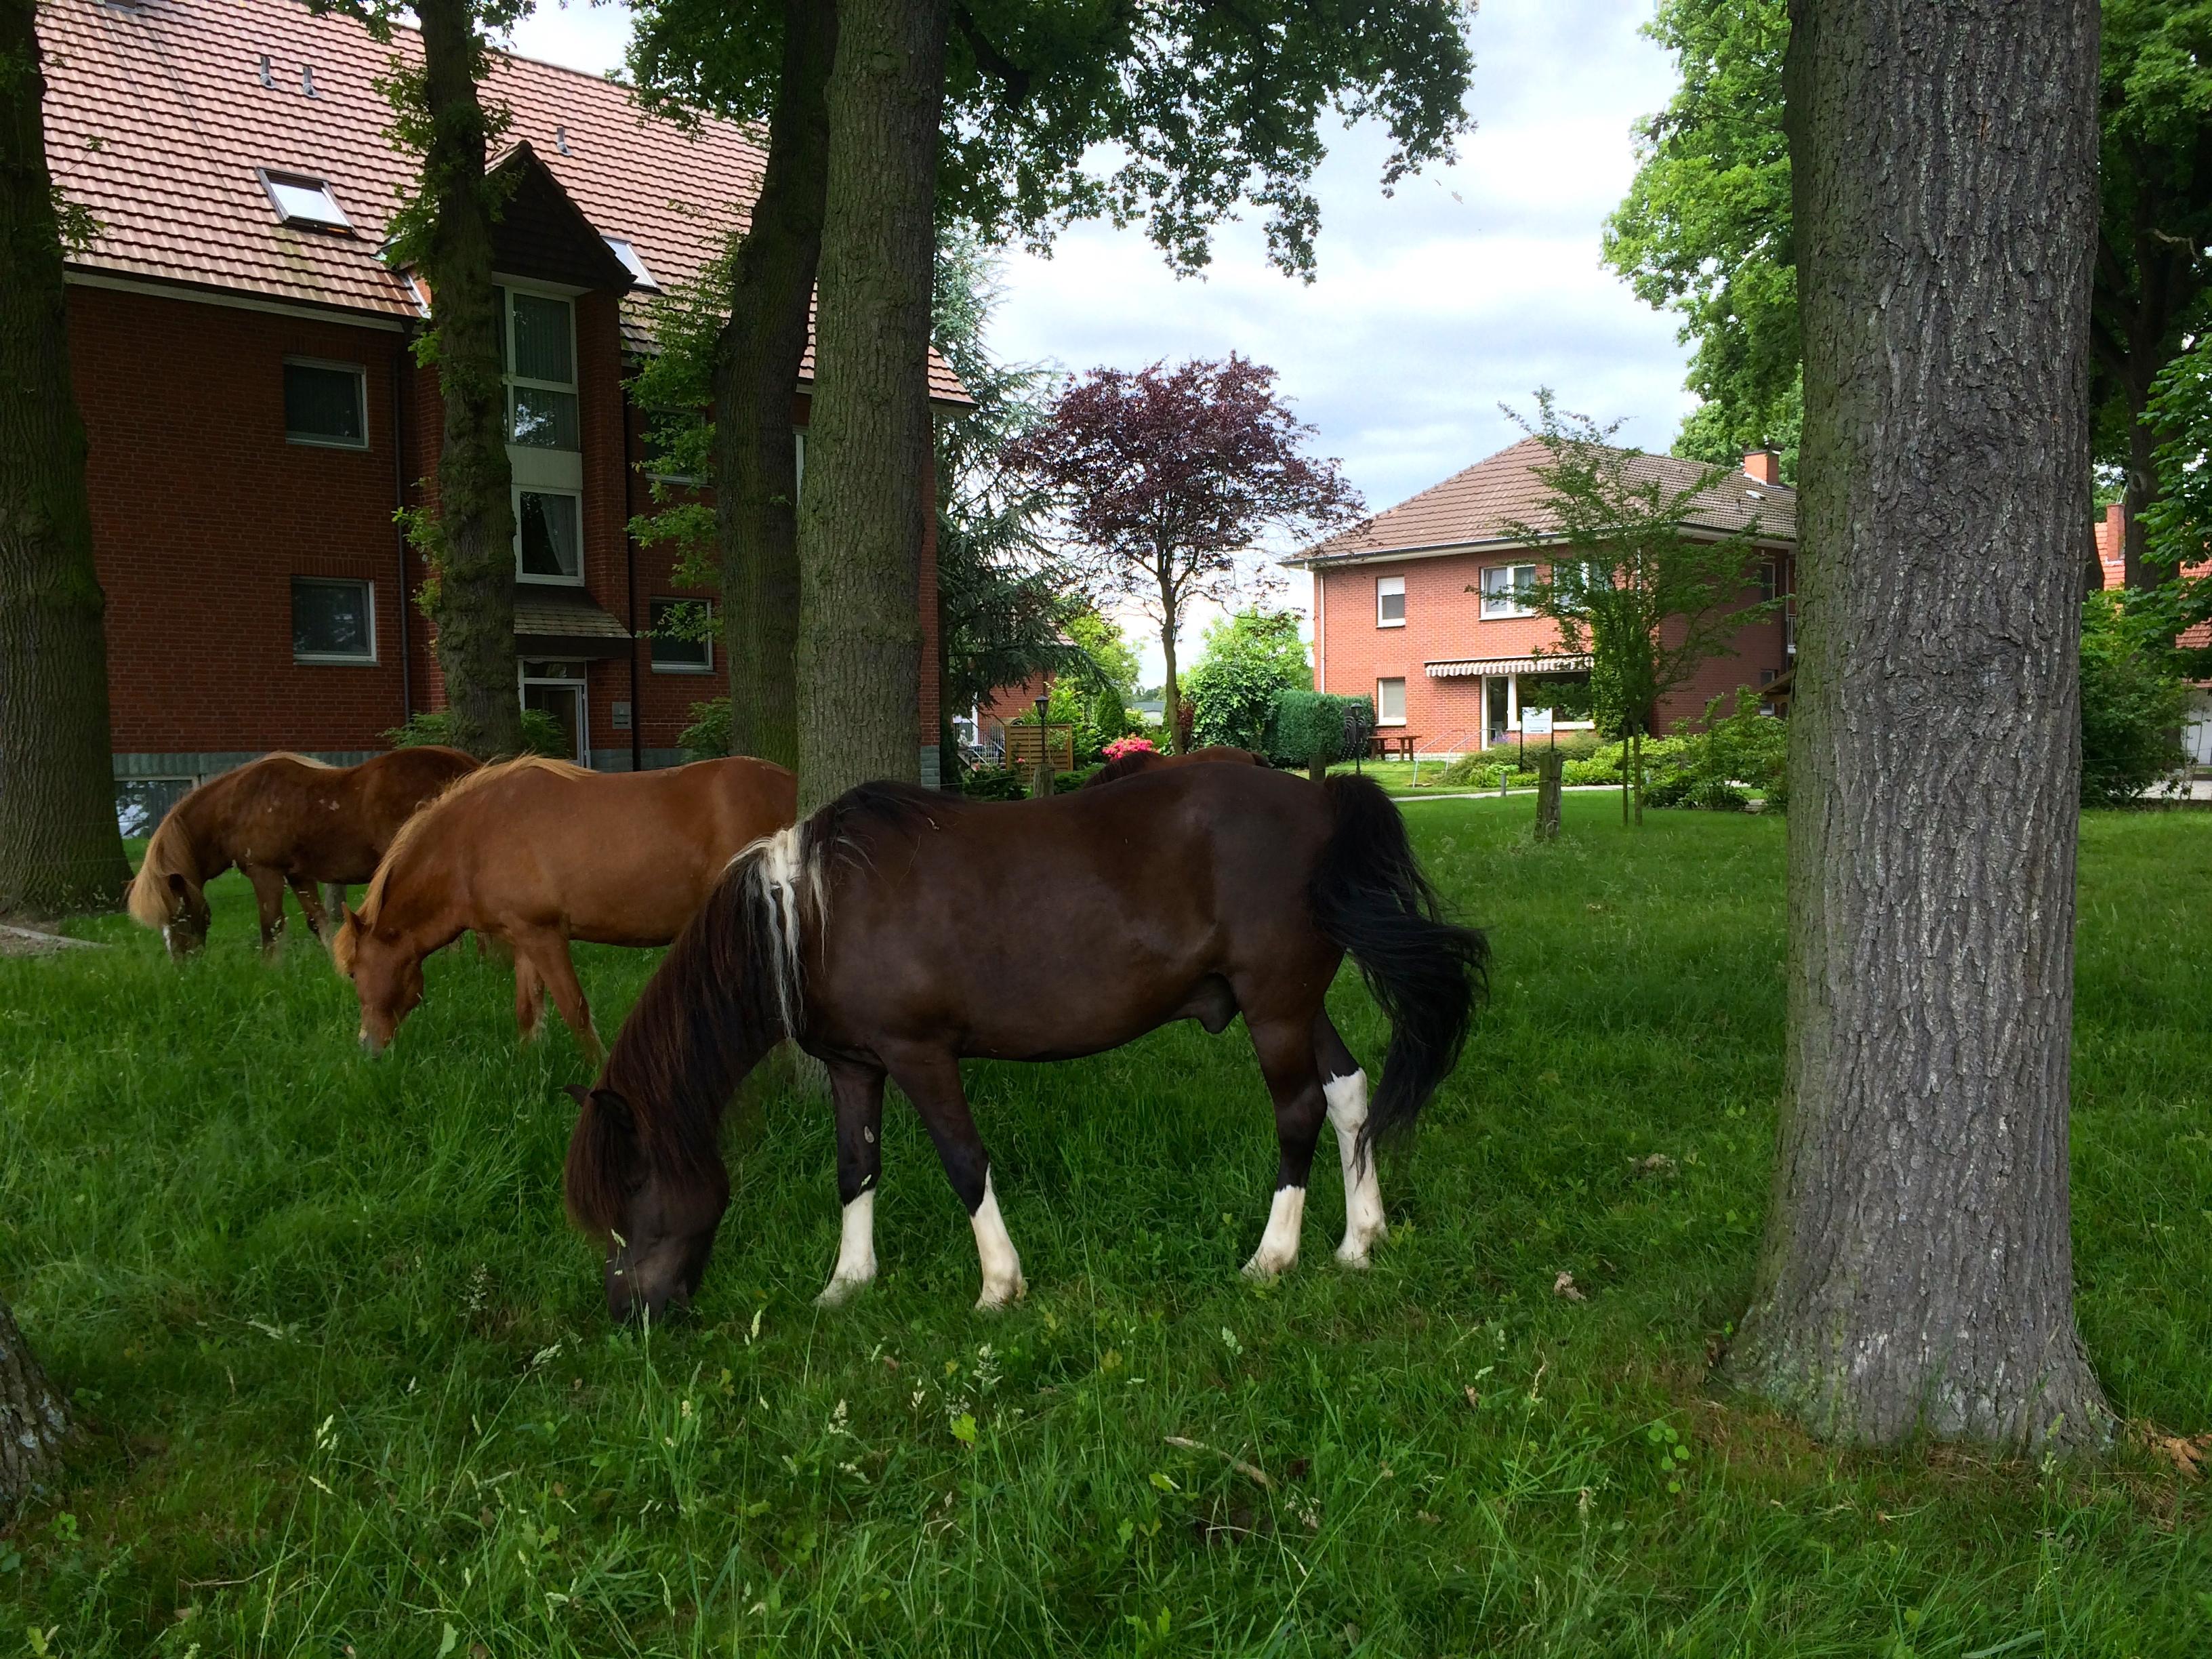 Hotel Pension Lippstadt Bad Waldliesborn Haus Stallmeister Pferdewiese mit Pferden im Sommer